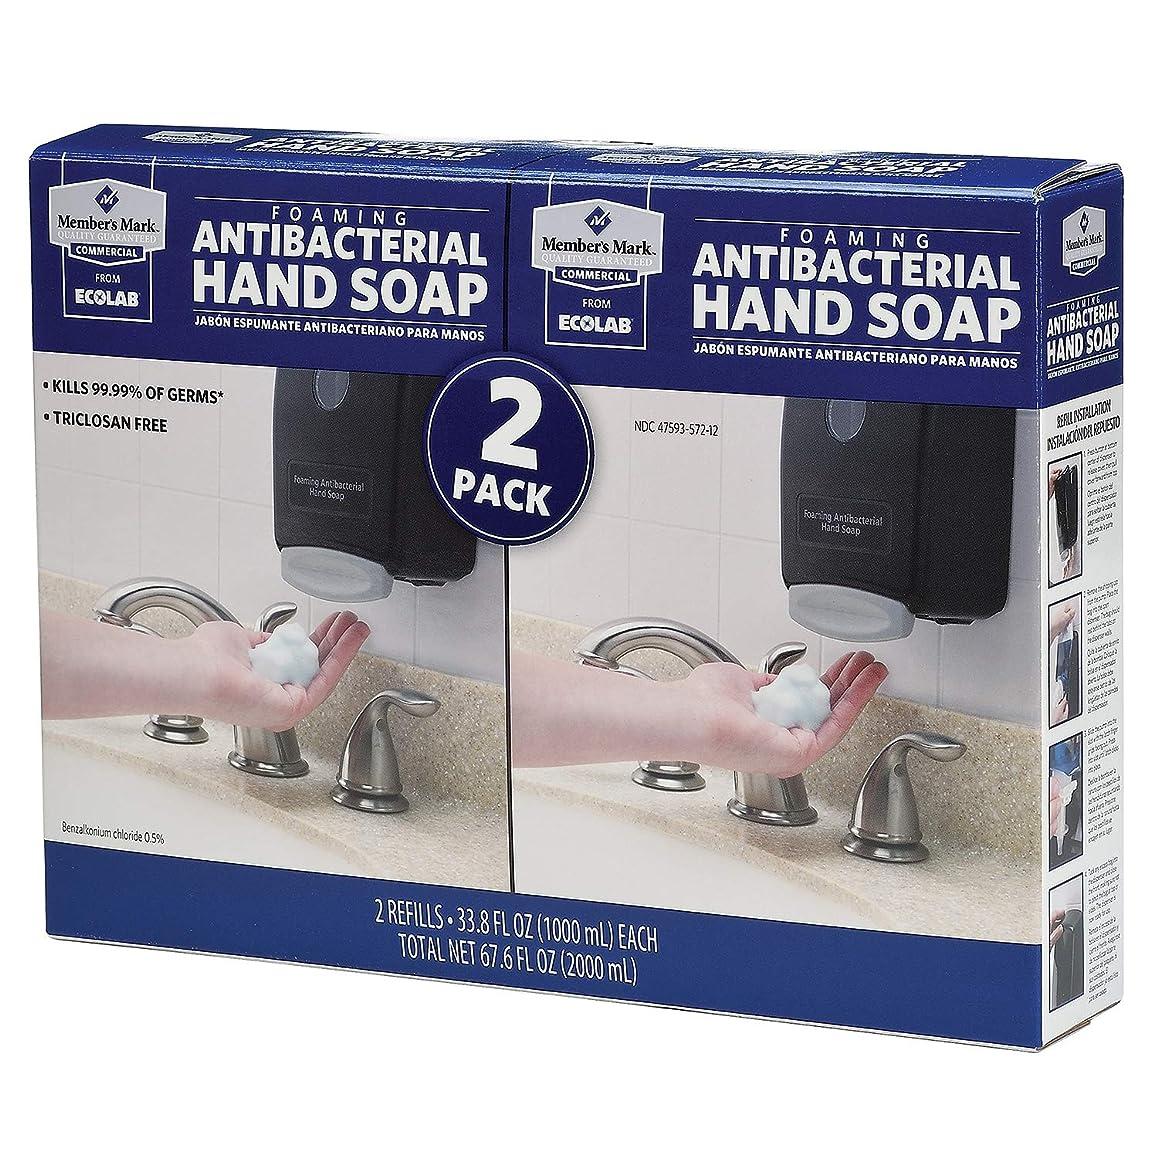 つかいますラダ消化Member 's Mark Commercial Foaming Antibacterial Hand Soap (2?PK。) As